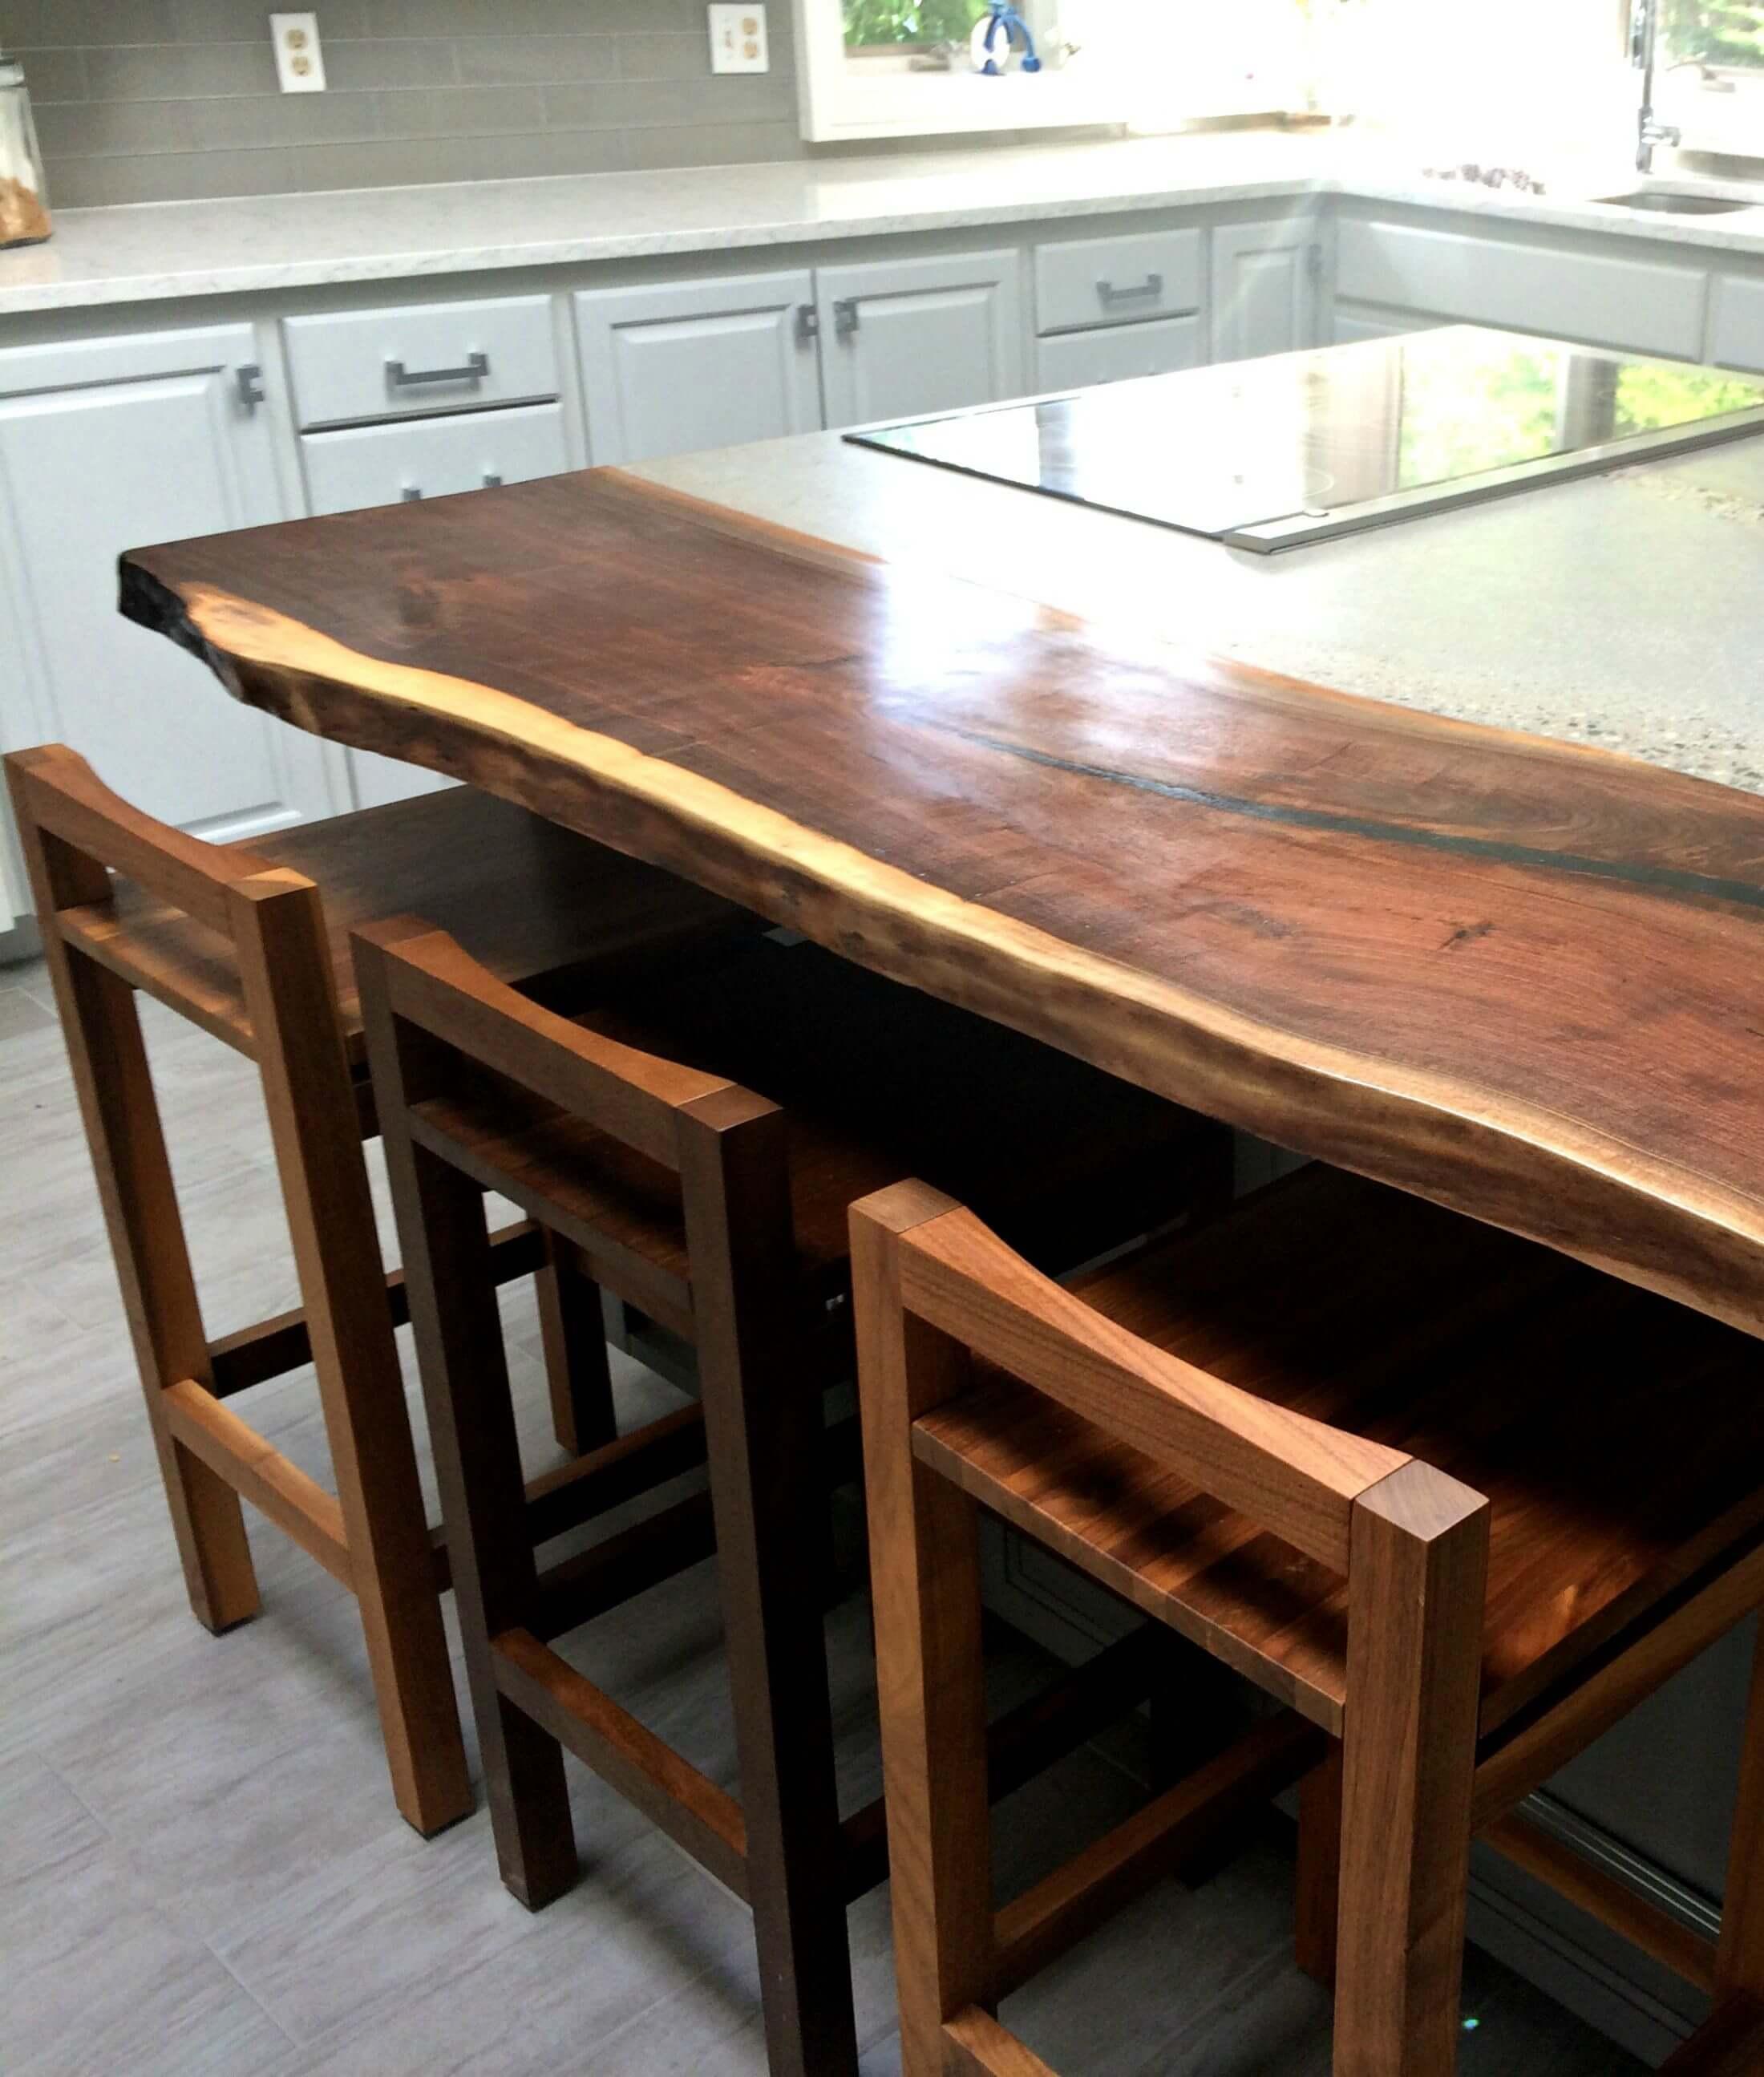 Kitchen cabinet updates tantallon for Live edge kitchen island